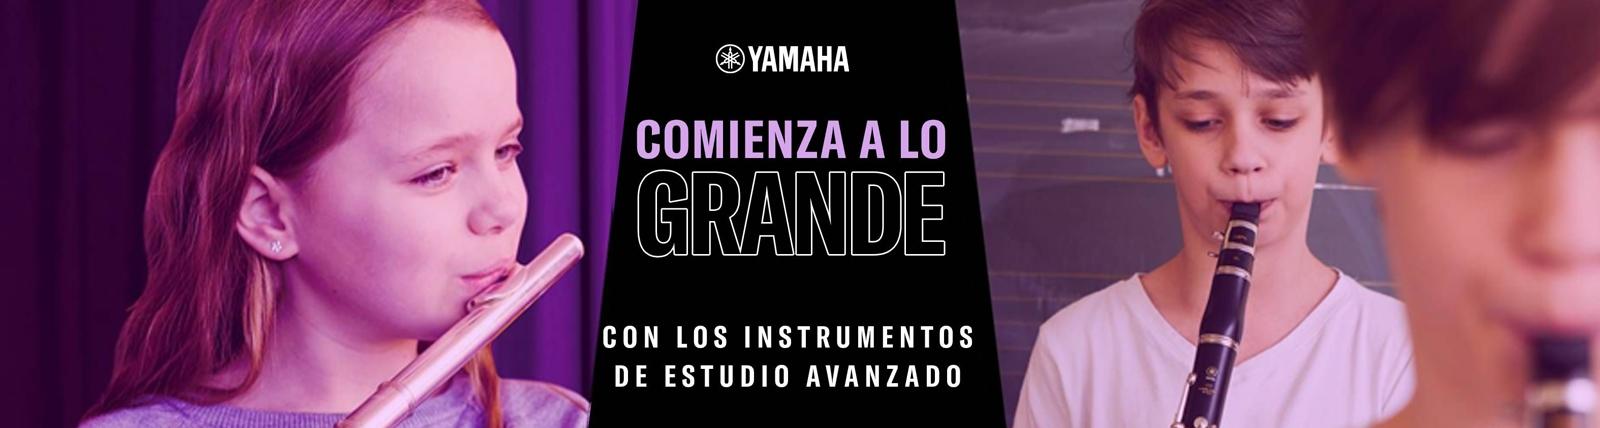 Campaña Yamaha Comienza a lo grande